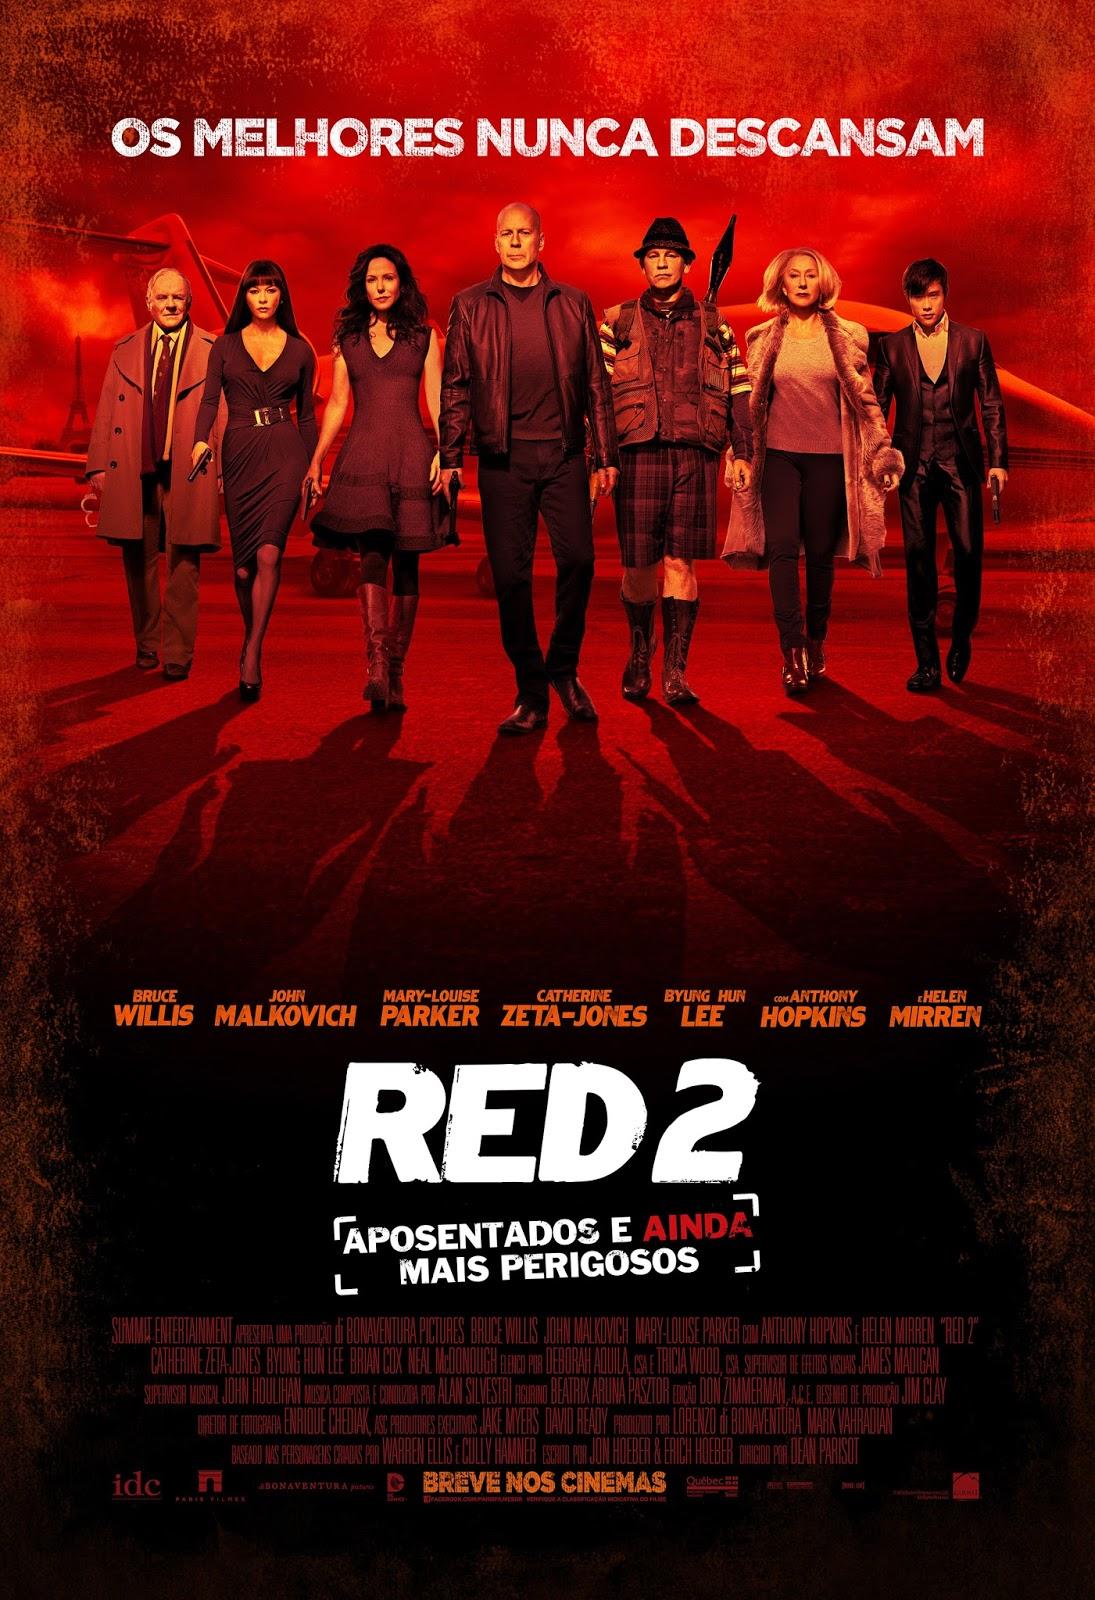 6c645bc9bb Download RED 2   Aposentados e Ainda Mais Perigosos Dublado